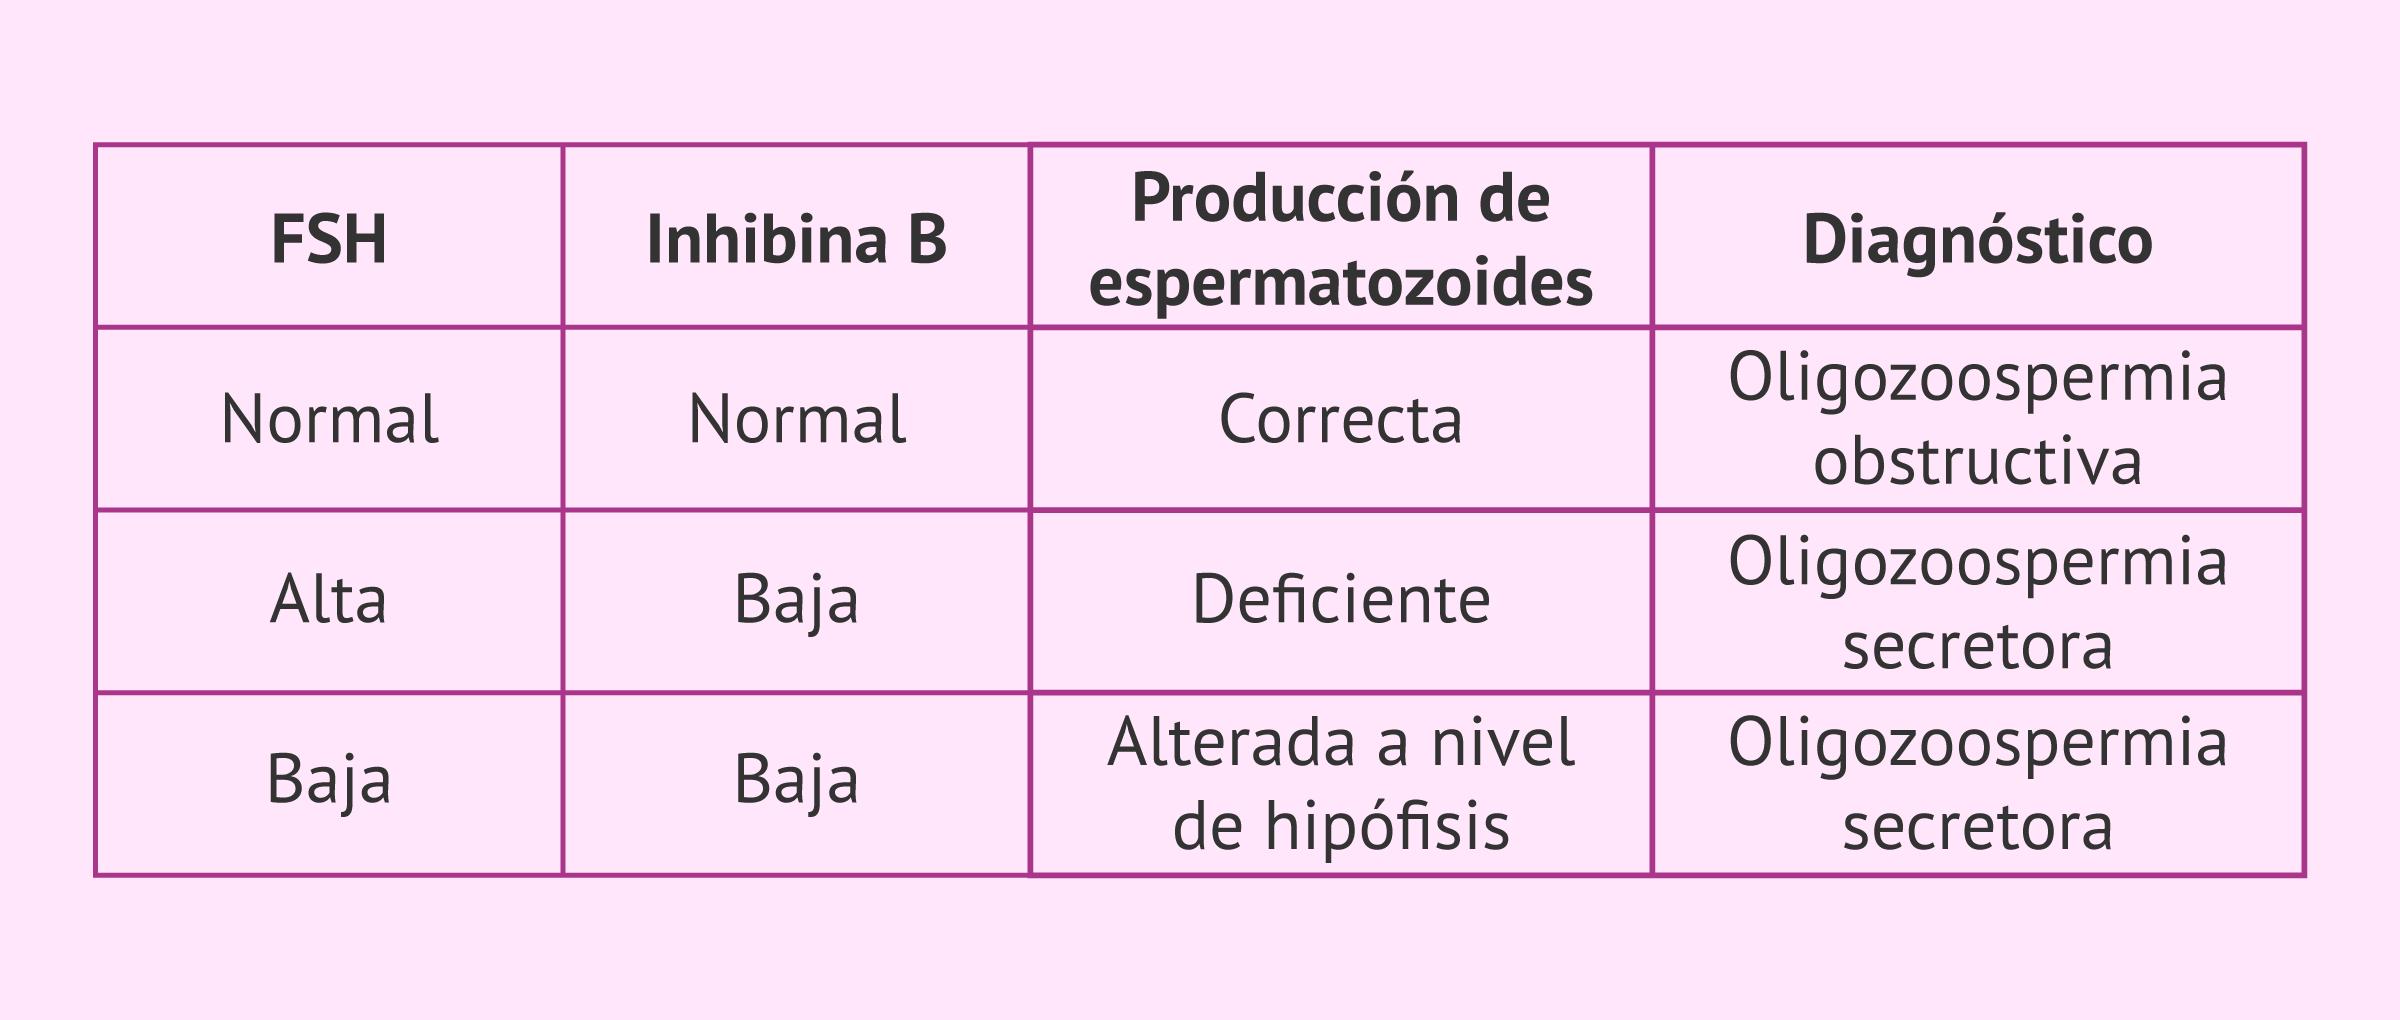 Análisis hormonal para el diagnóstico de oligozoospermia